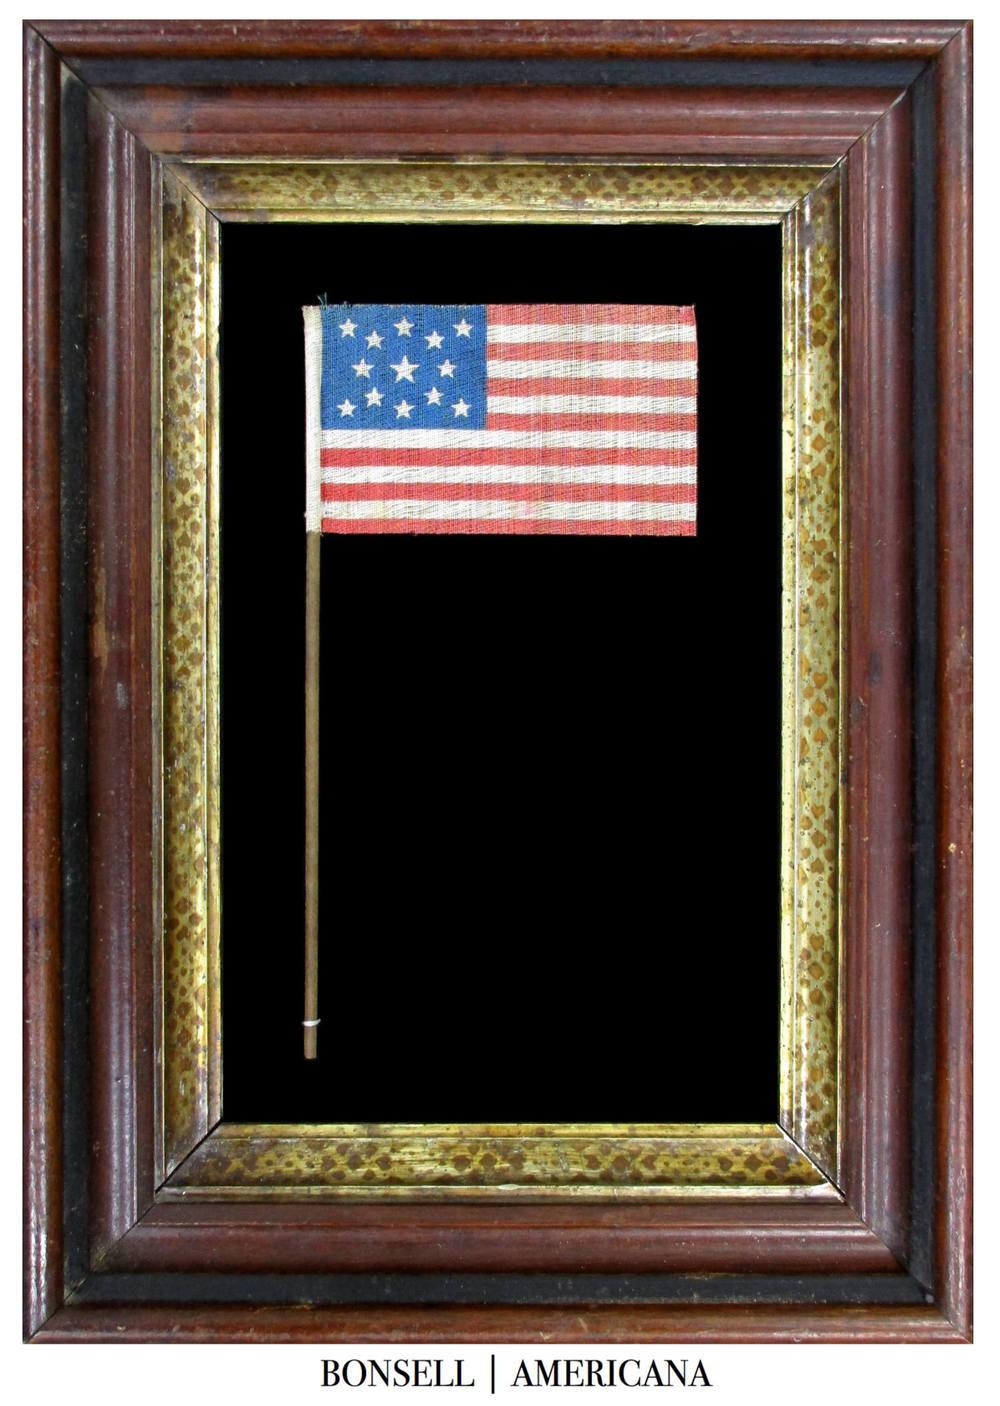 13 Star Antique Parade Flag